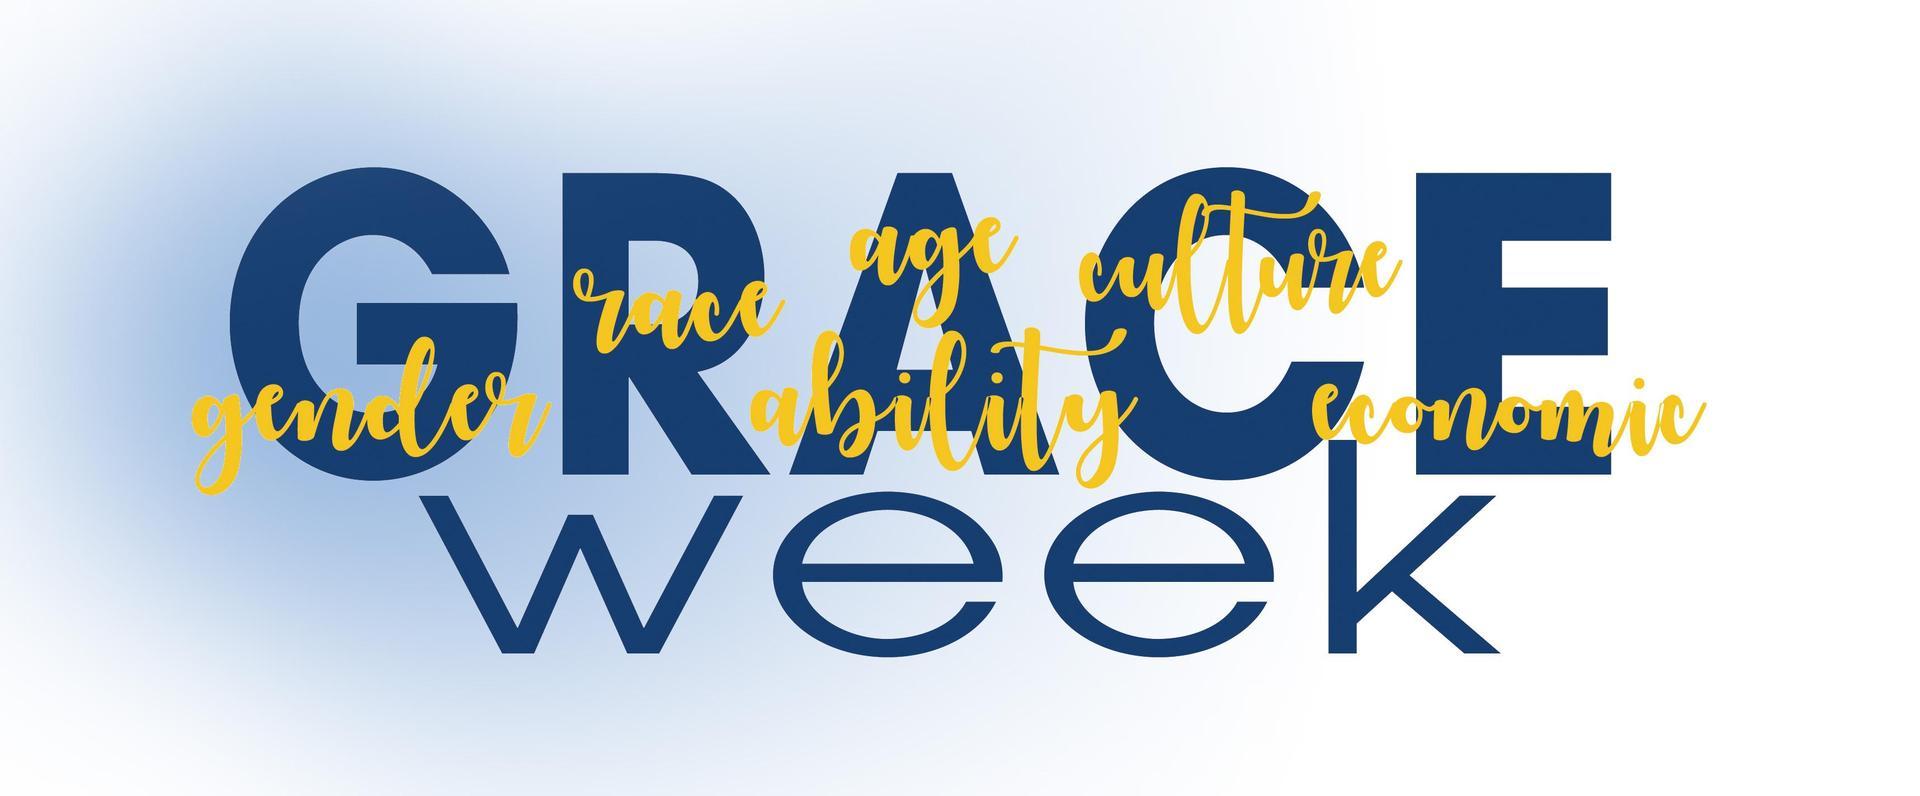 grace week logo